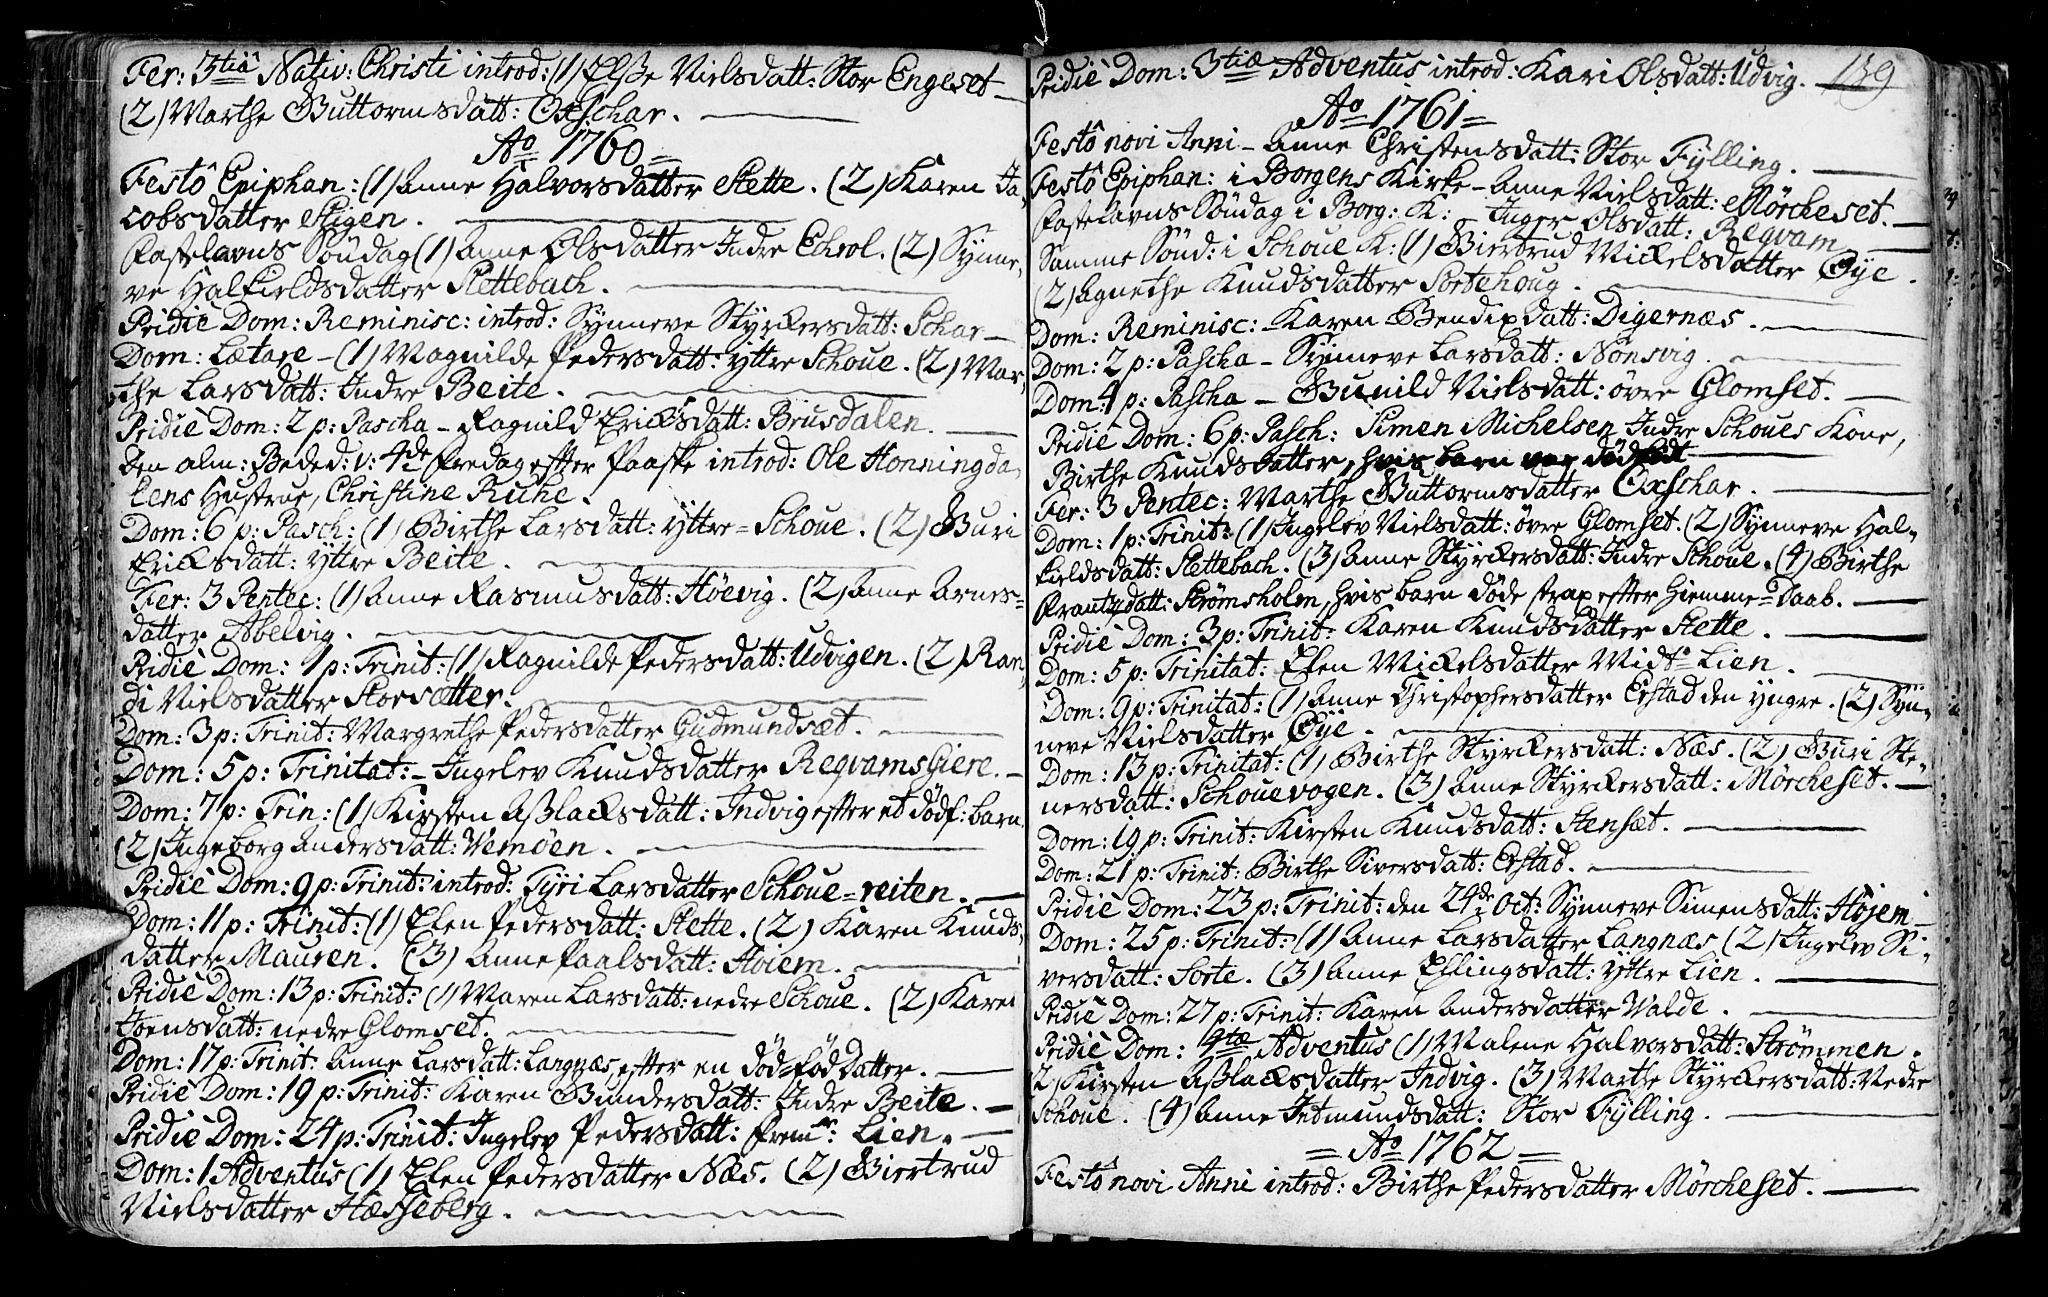 SAT, Ministerialprotokoller, klokkerbøker og fødselsregistre - Møre og Romsdal, 524/L0349: Ministerialbok nr. 524A01, 1698-1779, s. 139